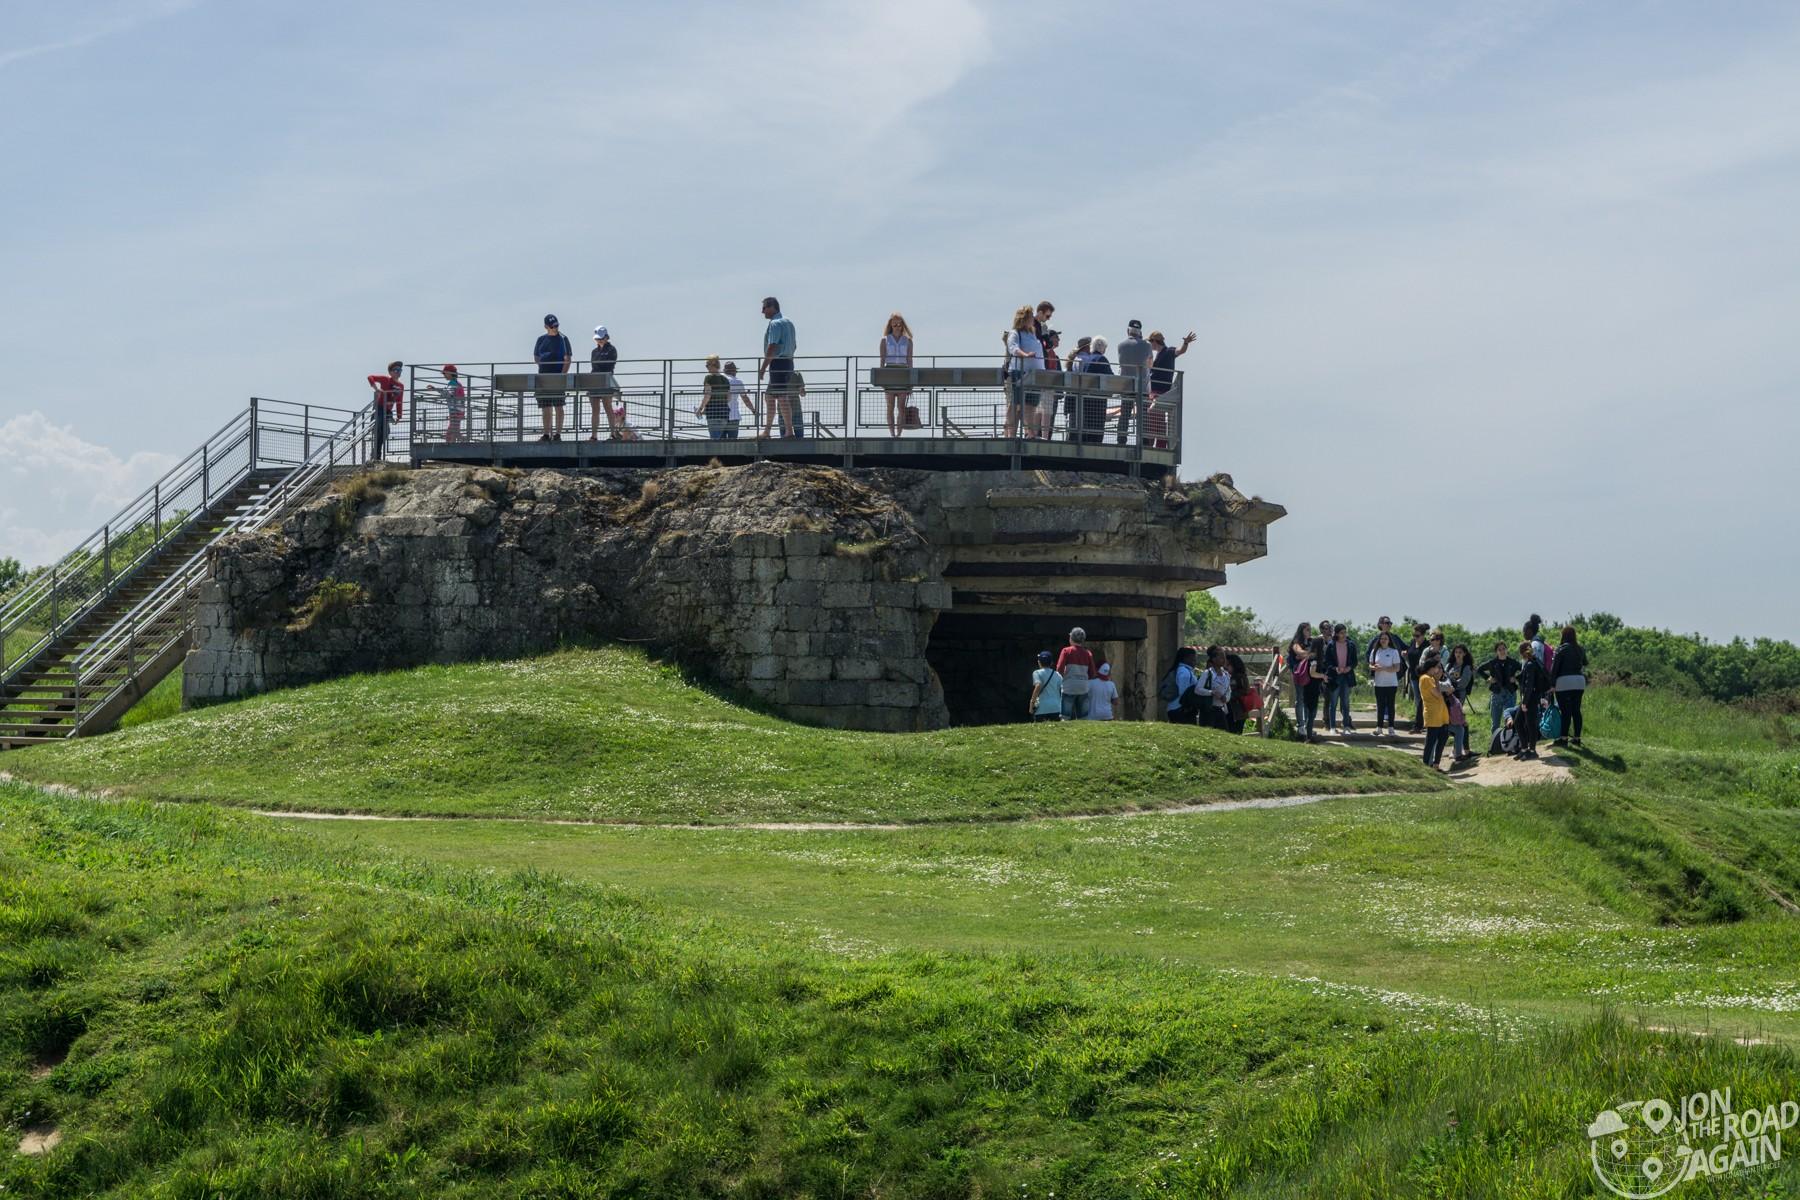 Pointe du Hoc gun nest